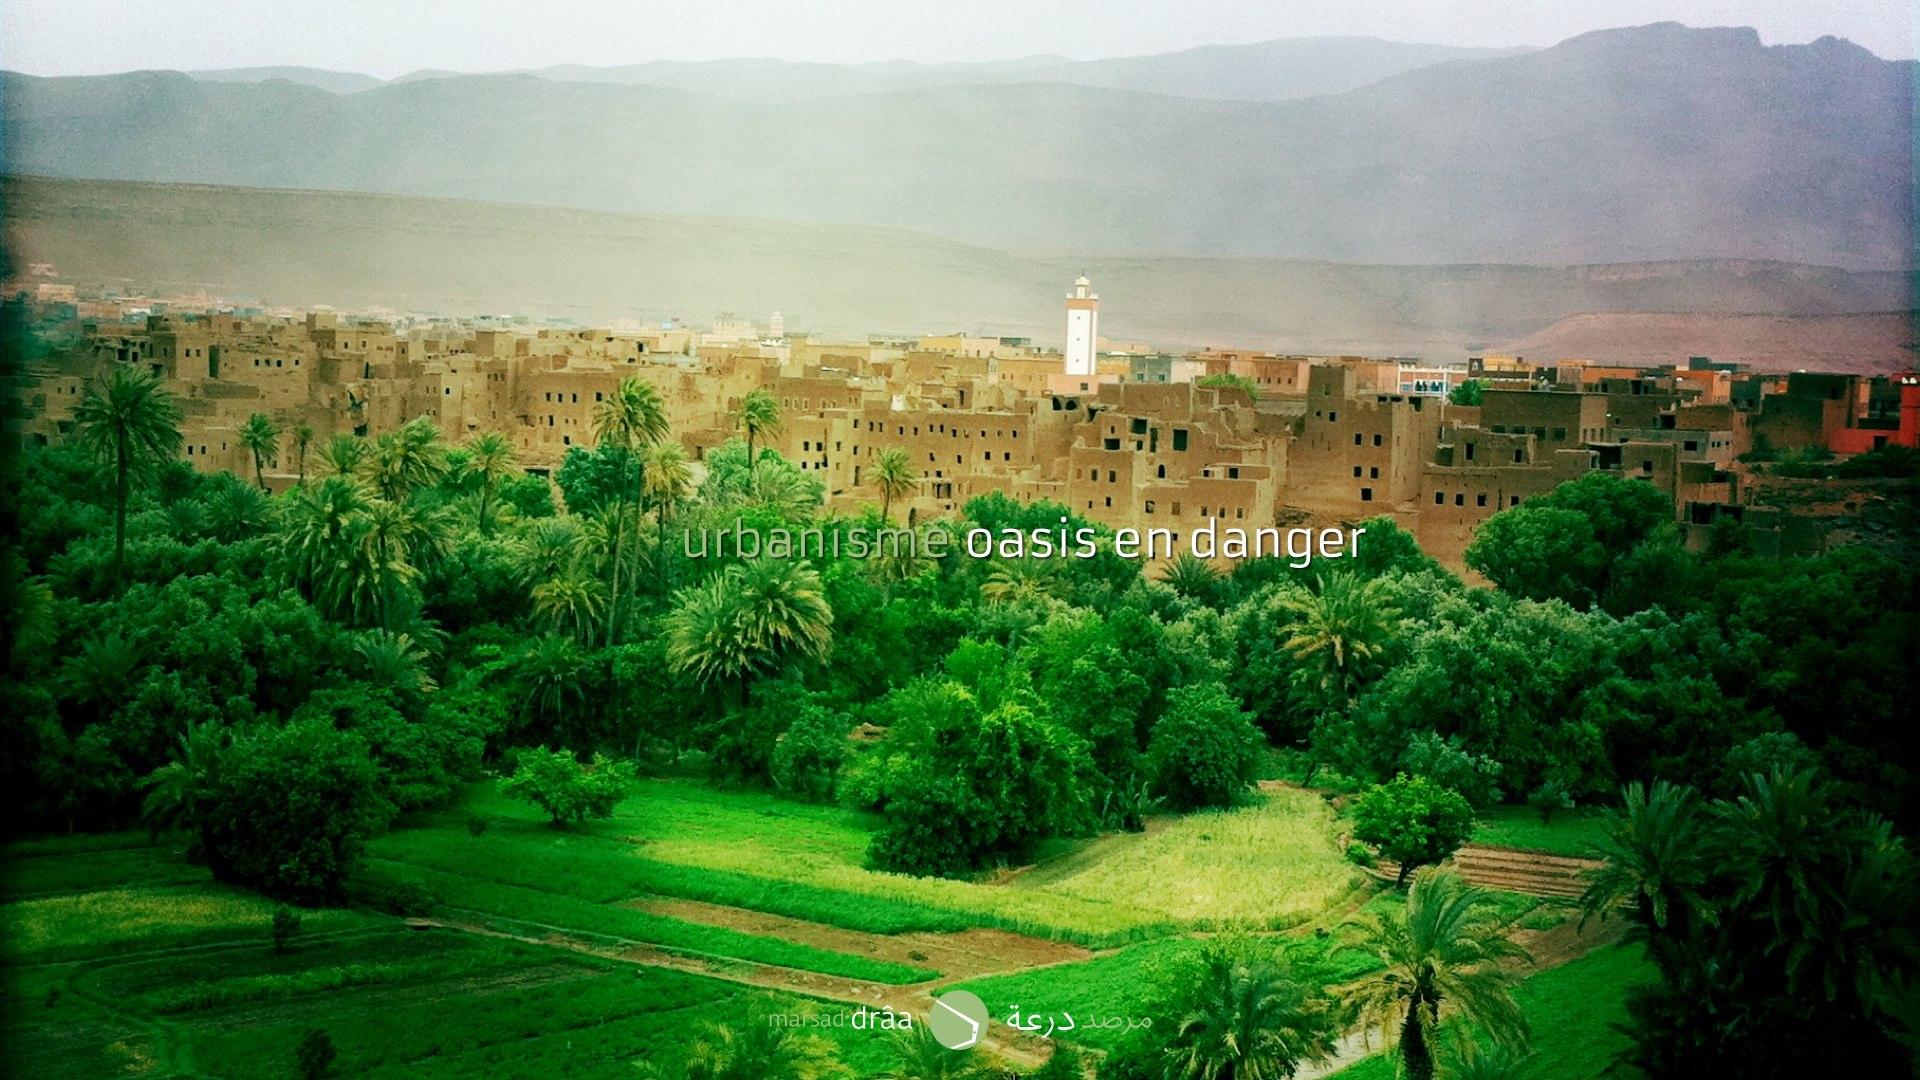 Au même temps, les oasis voient sa surface réduite à cause de l'extension des villes oasiennes, due à la croissance démographique.